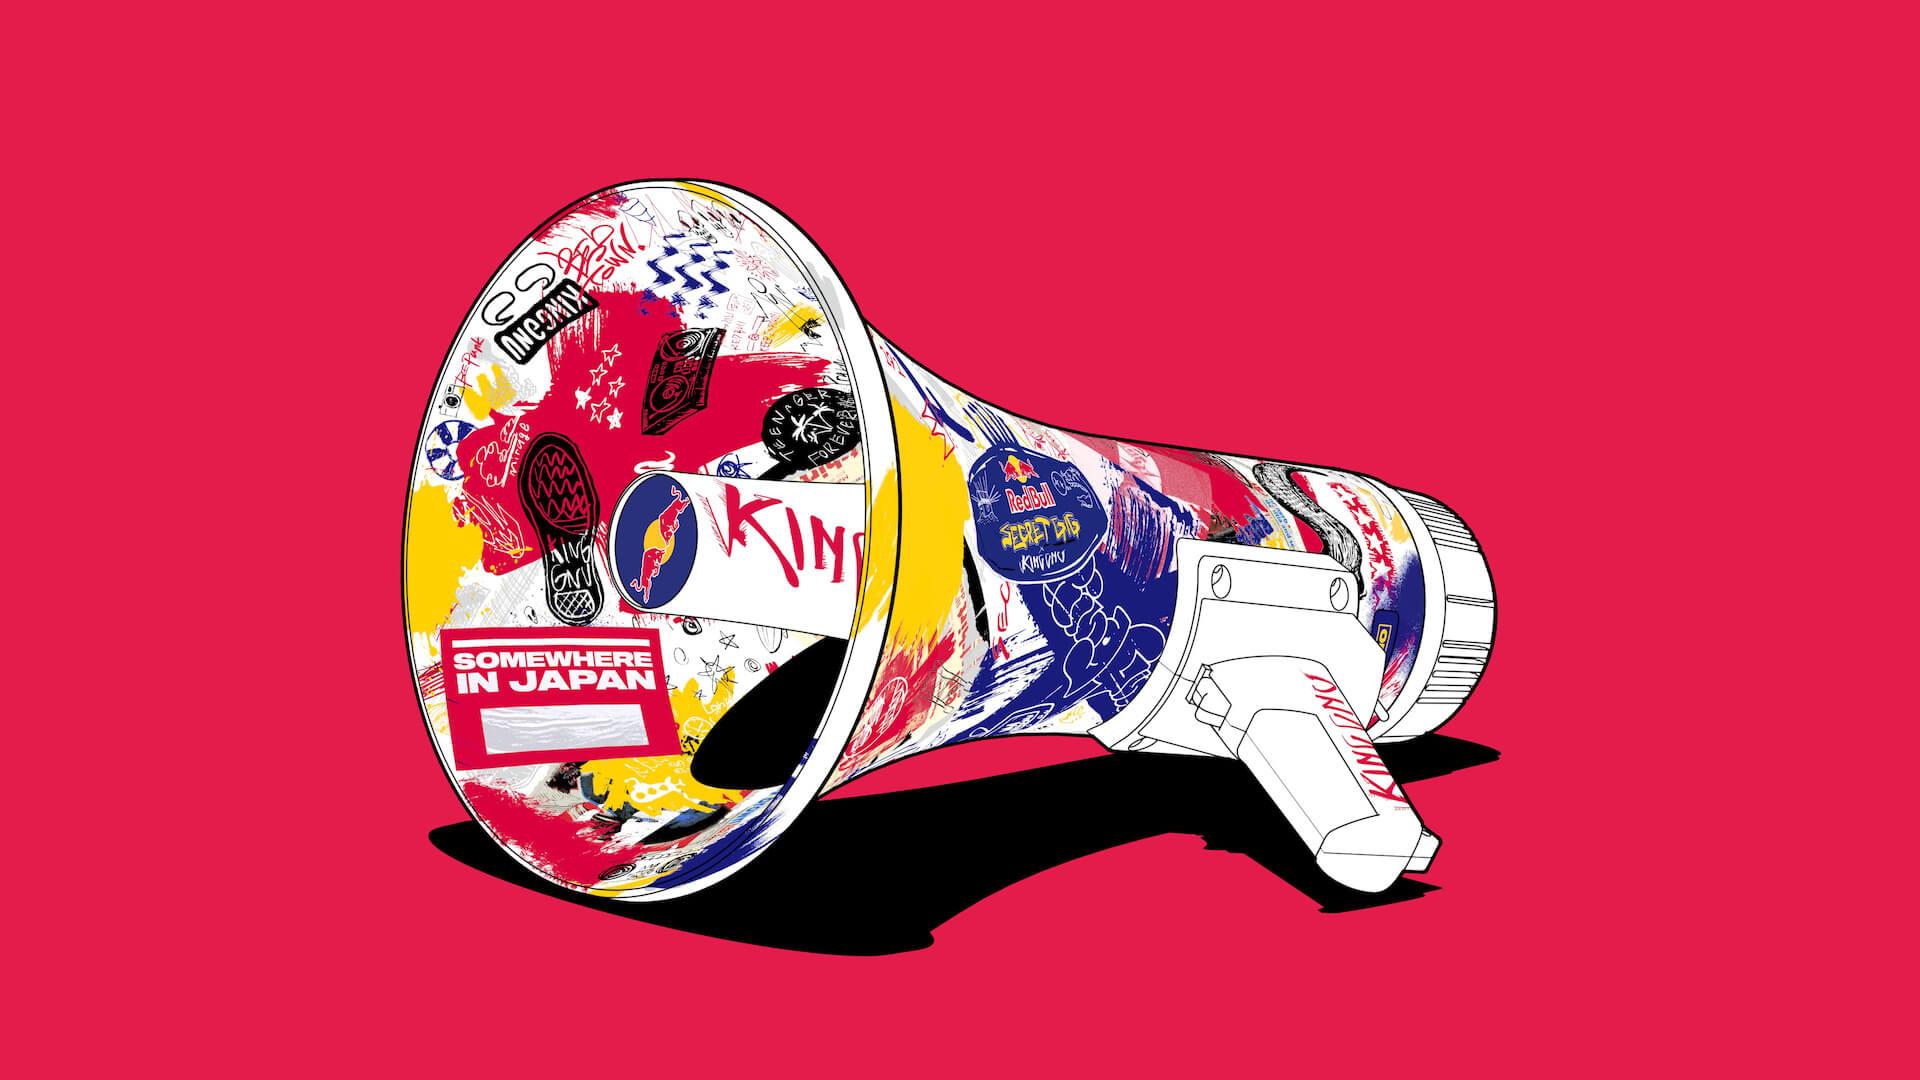 King Gnuとレッドブルの新プロジェクト<Red Bull Secret Gig>がついに始動!シークレットライブ会場の募集が本日より開始 music210427_kinggnu_redbull_1